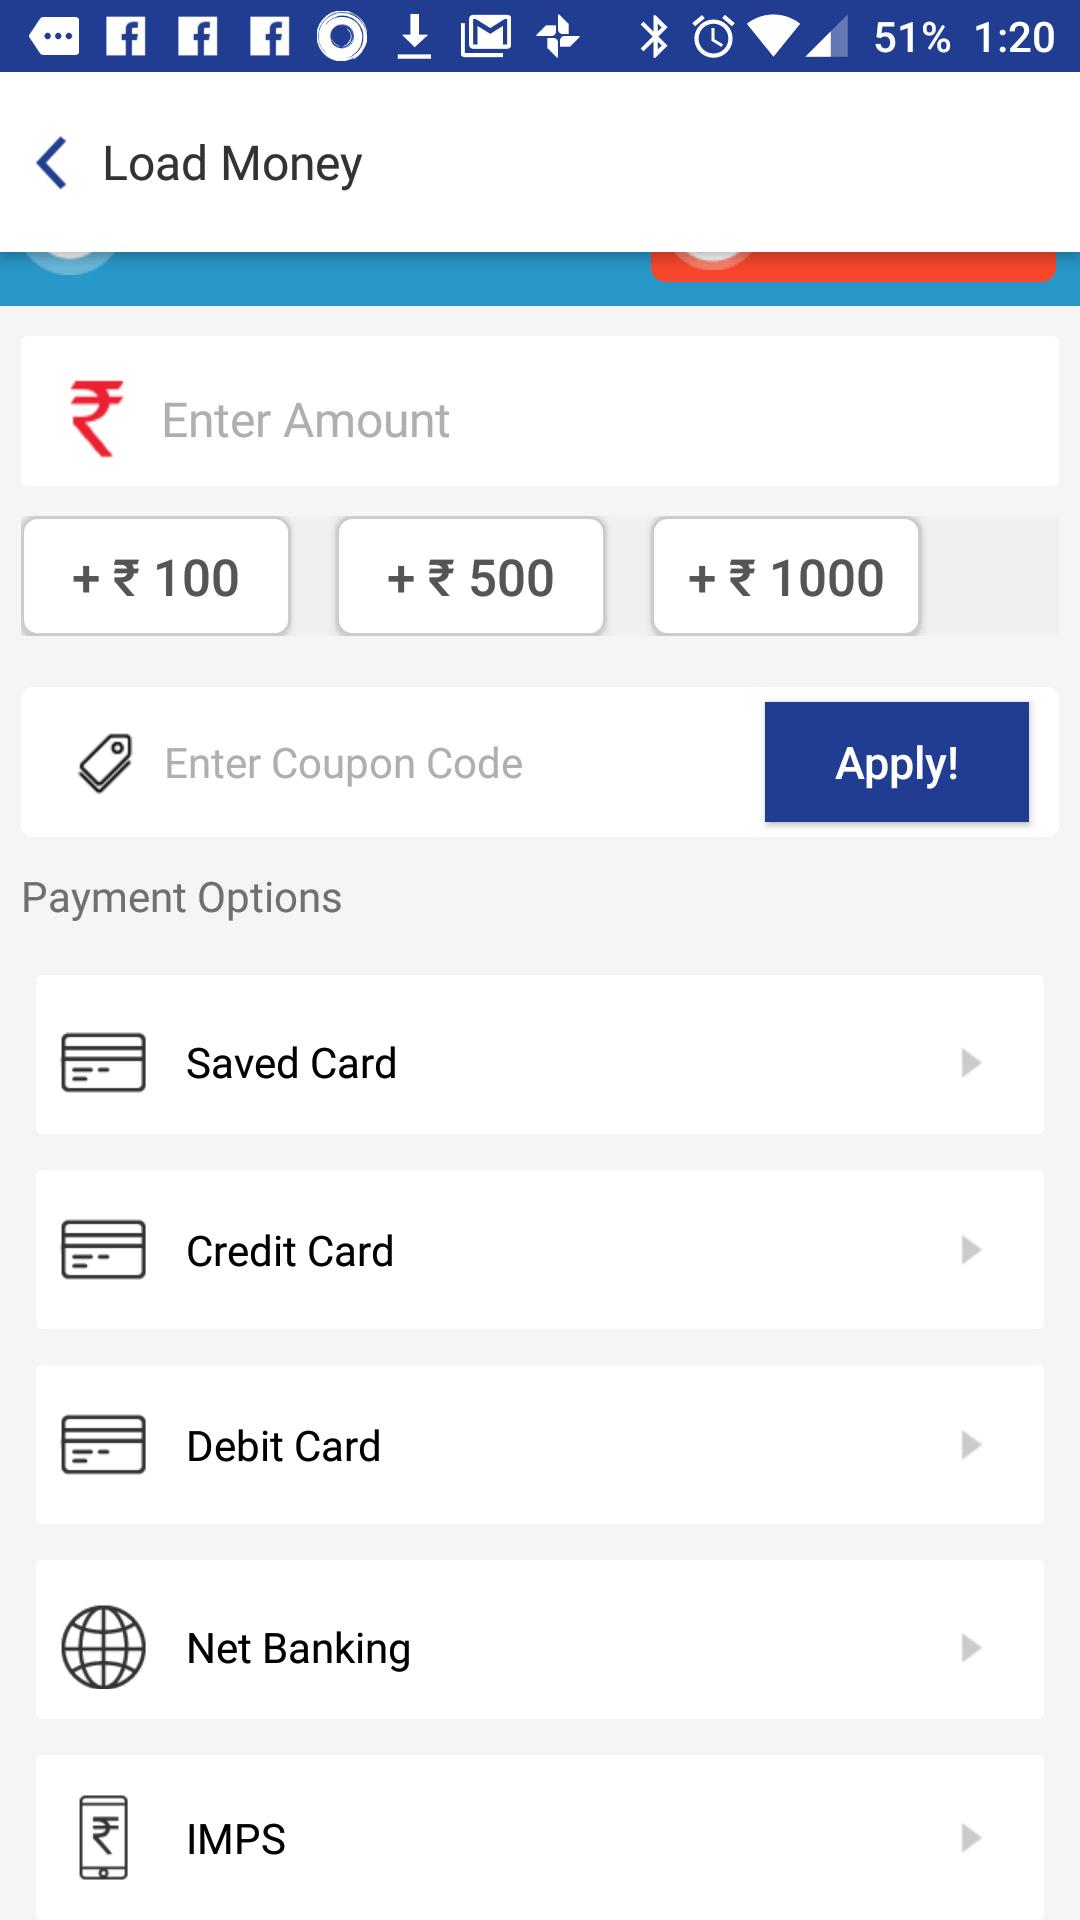 oxigen wallet, oxygen, oxigen wallet app, oxigen offerr bank